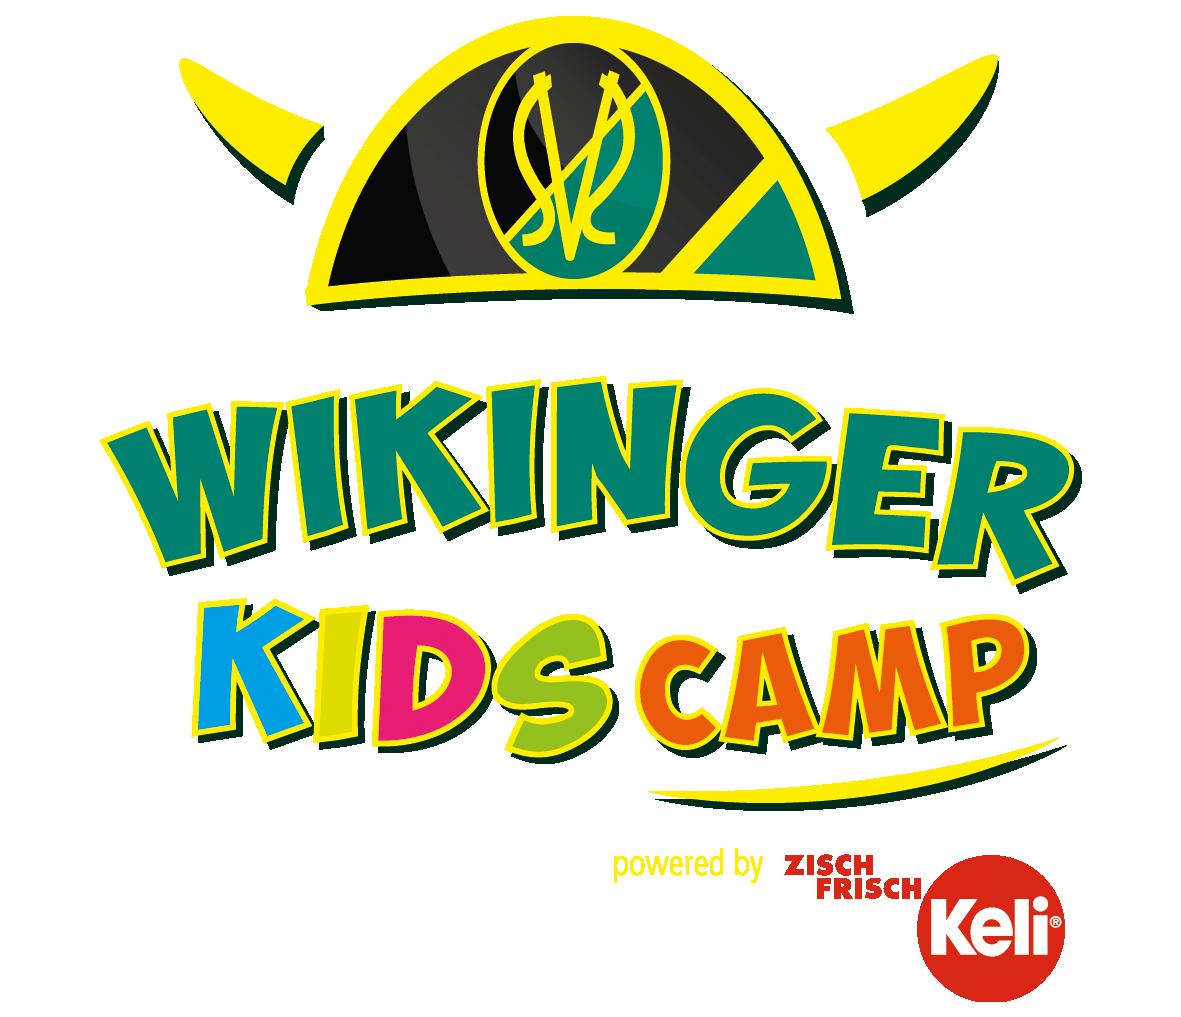 Wikinger Kids